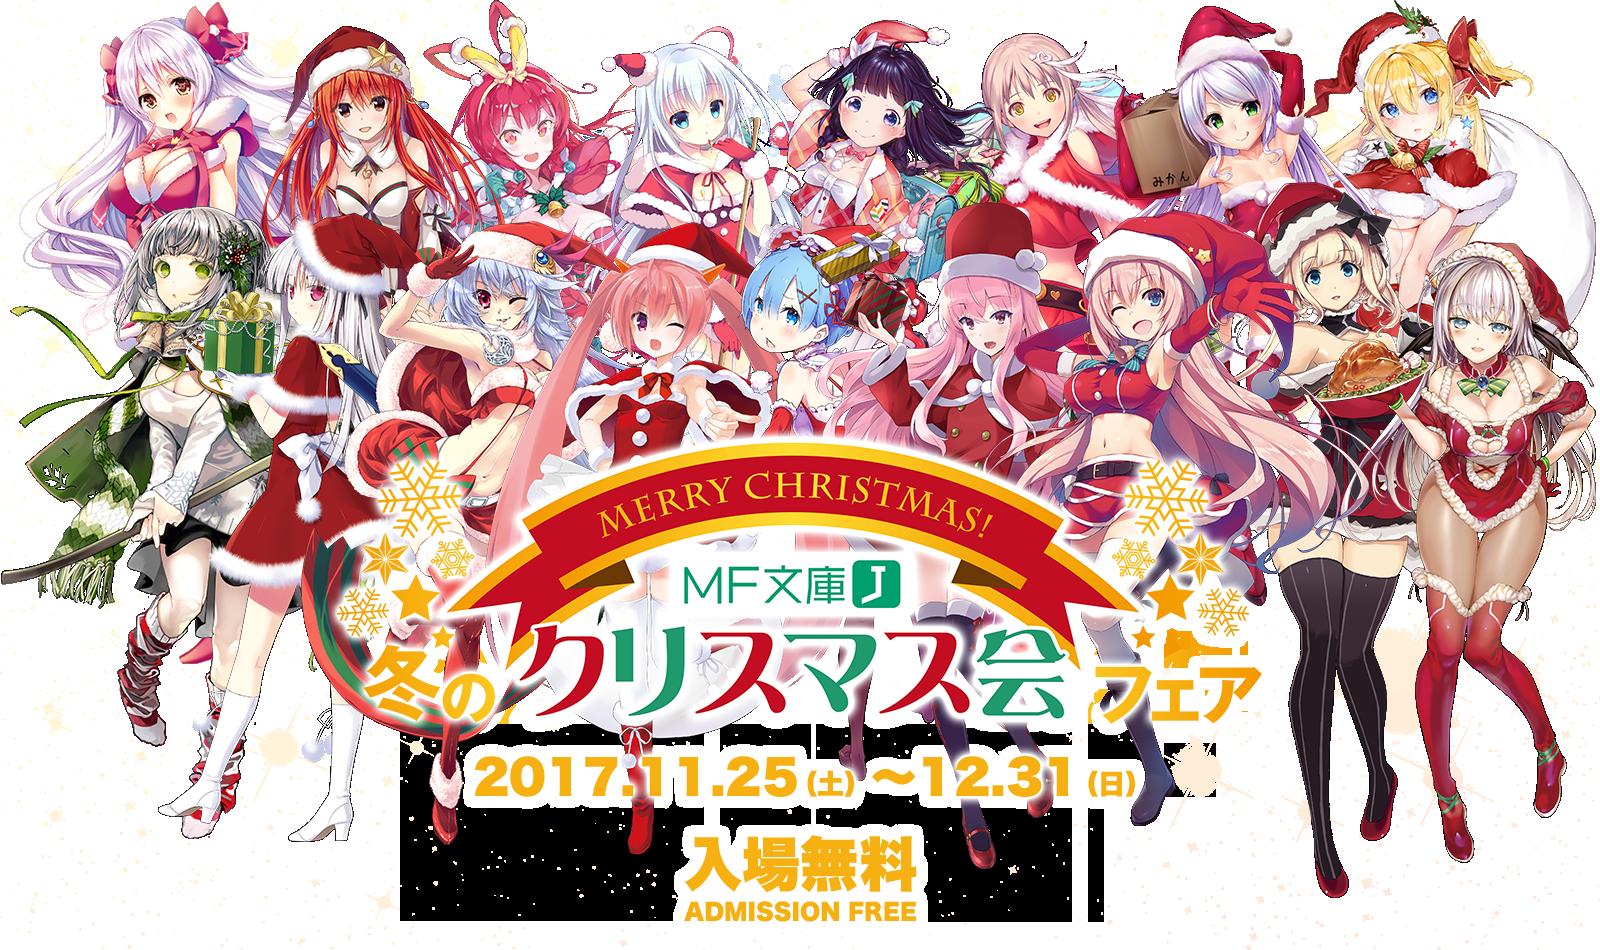 [キャンペーン]『MF文庫J 冬のクリスマス会フェア』開催決定!